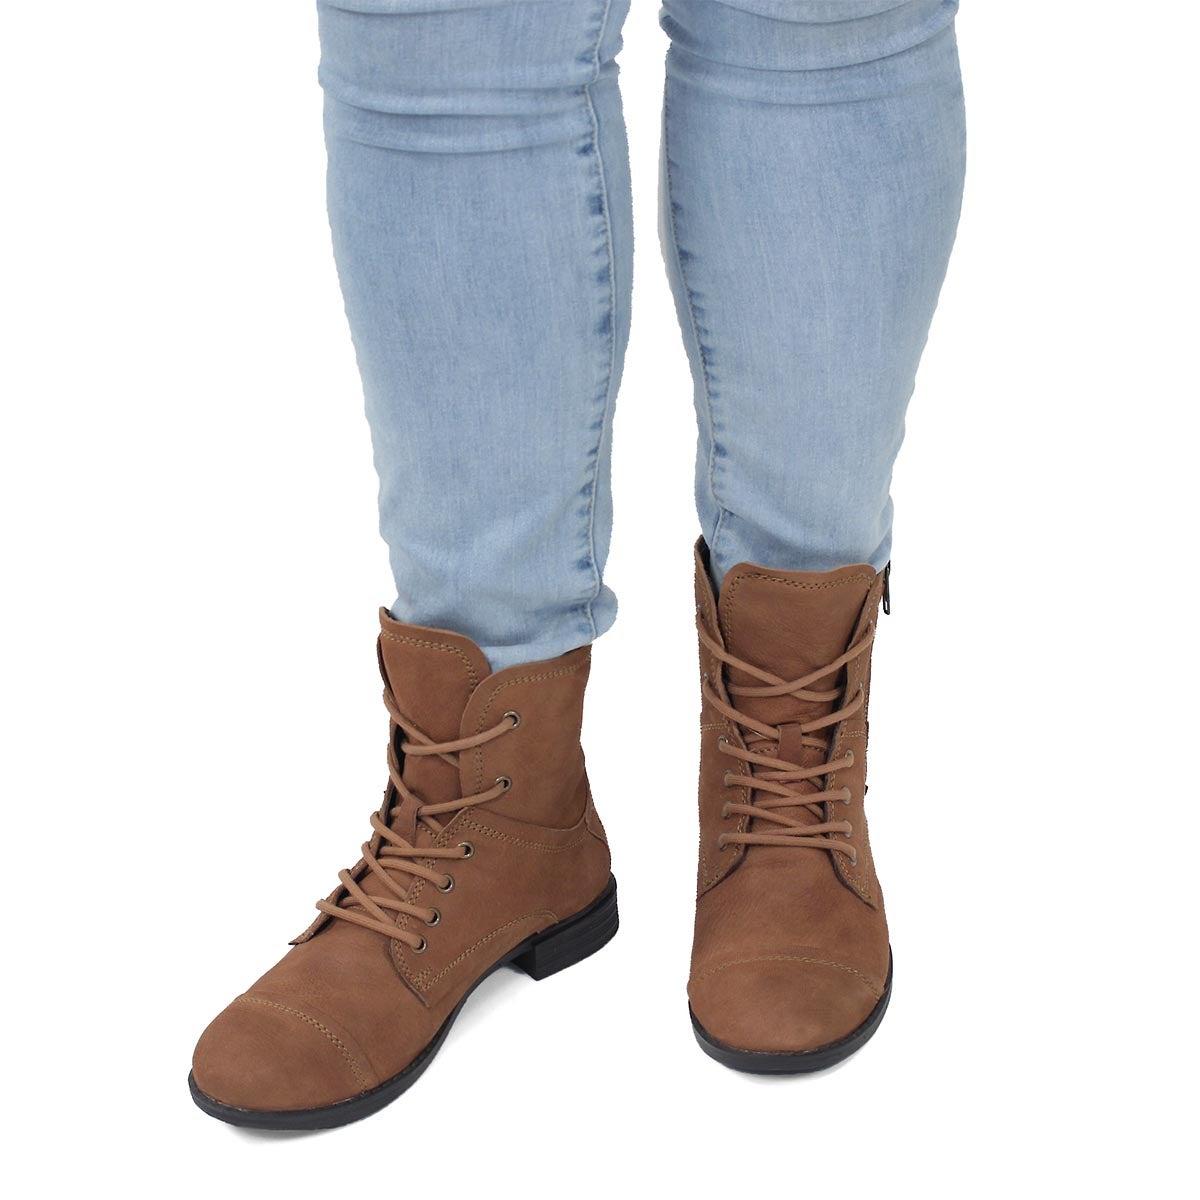 Lds Layla cgnc side zip combat boot